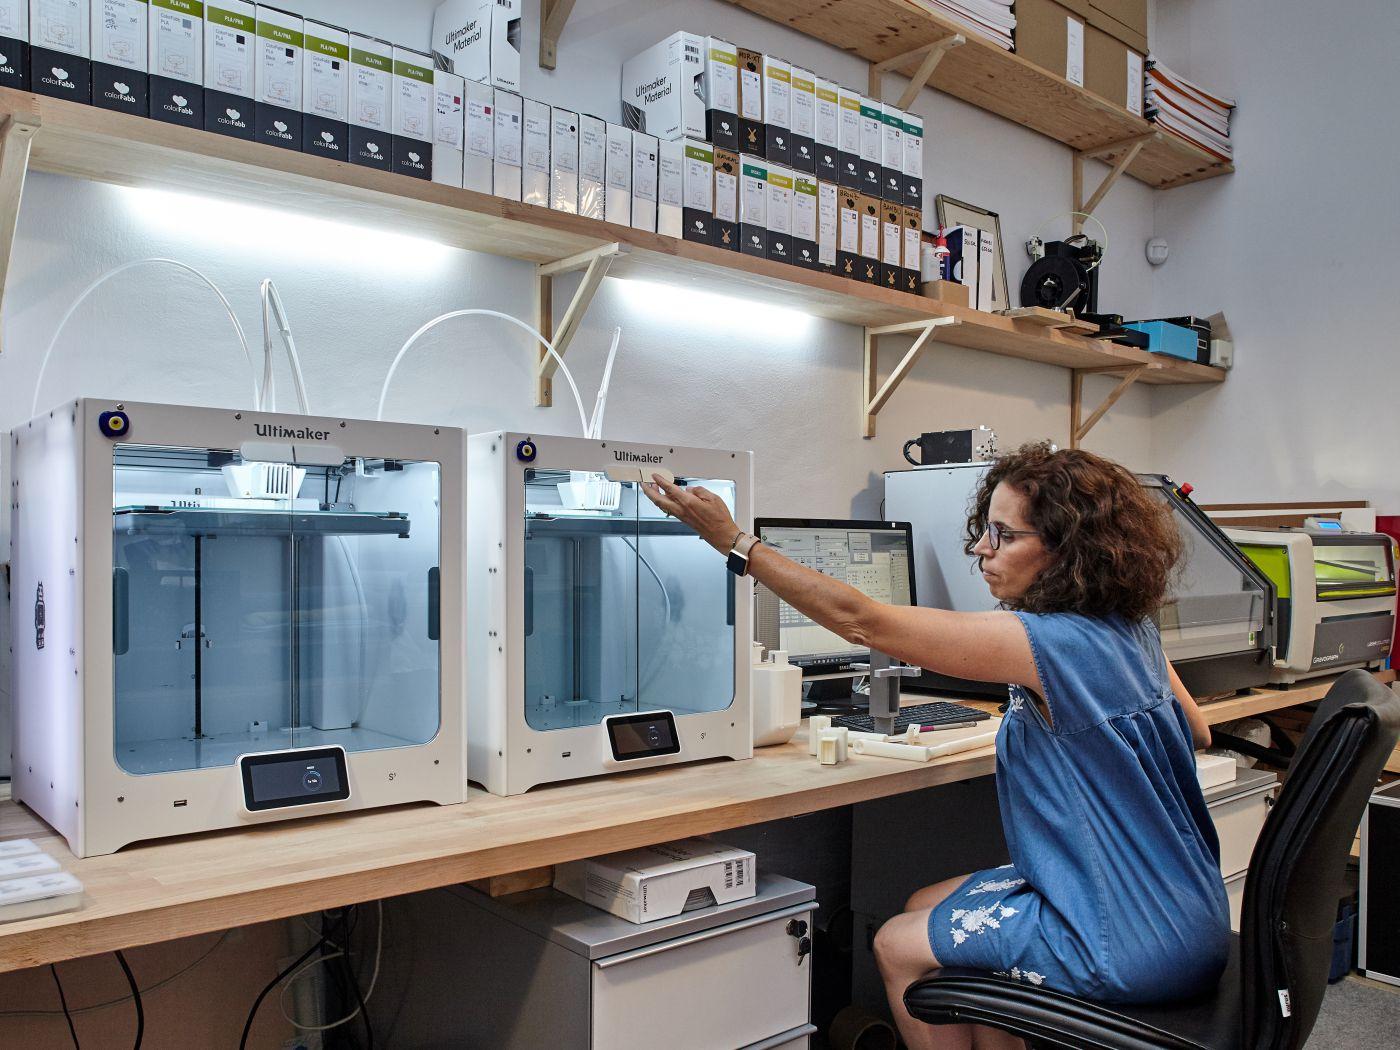 Ürün Tasarımı Sürecinde 3D Yazıcıları Kullanmak: Farm-Desıgn